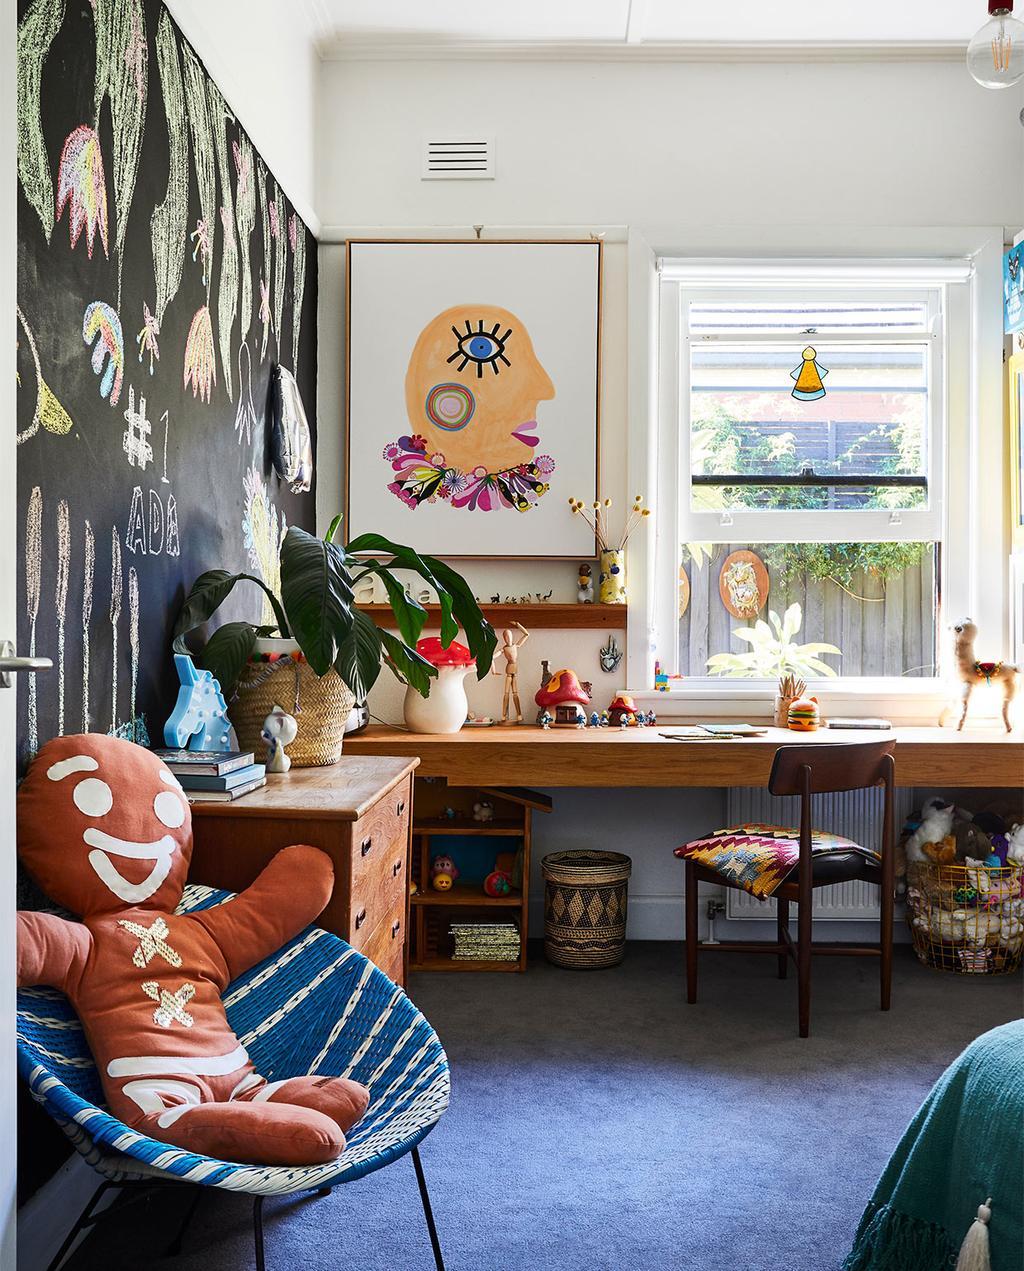 vtwonen binnenkijk special zomerhuizen 07-2021 | de kinderkamer van het huis met een schilderij op het krijtbord, op de stoel ligt een knuffel in de vorm van een koekje